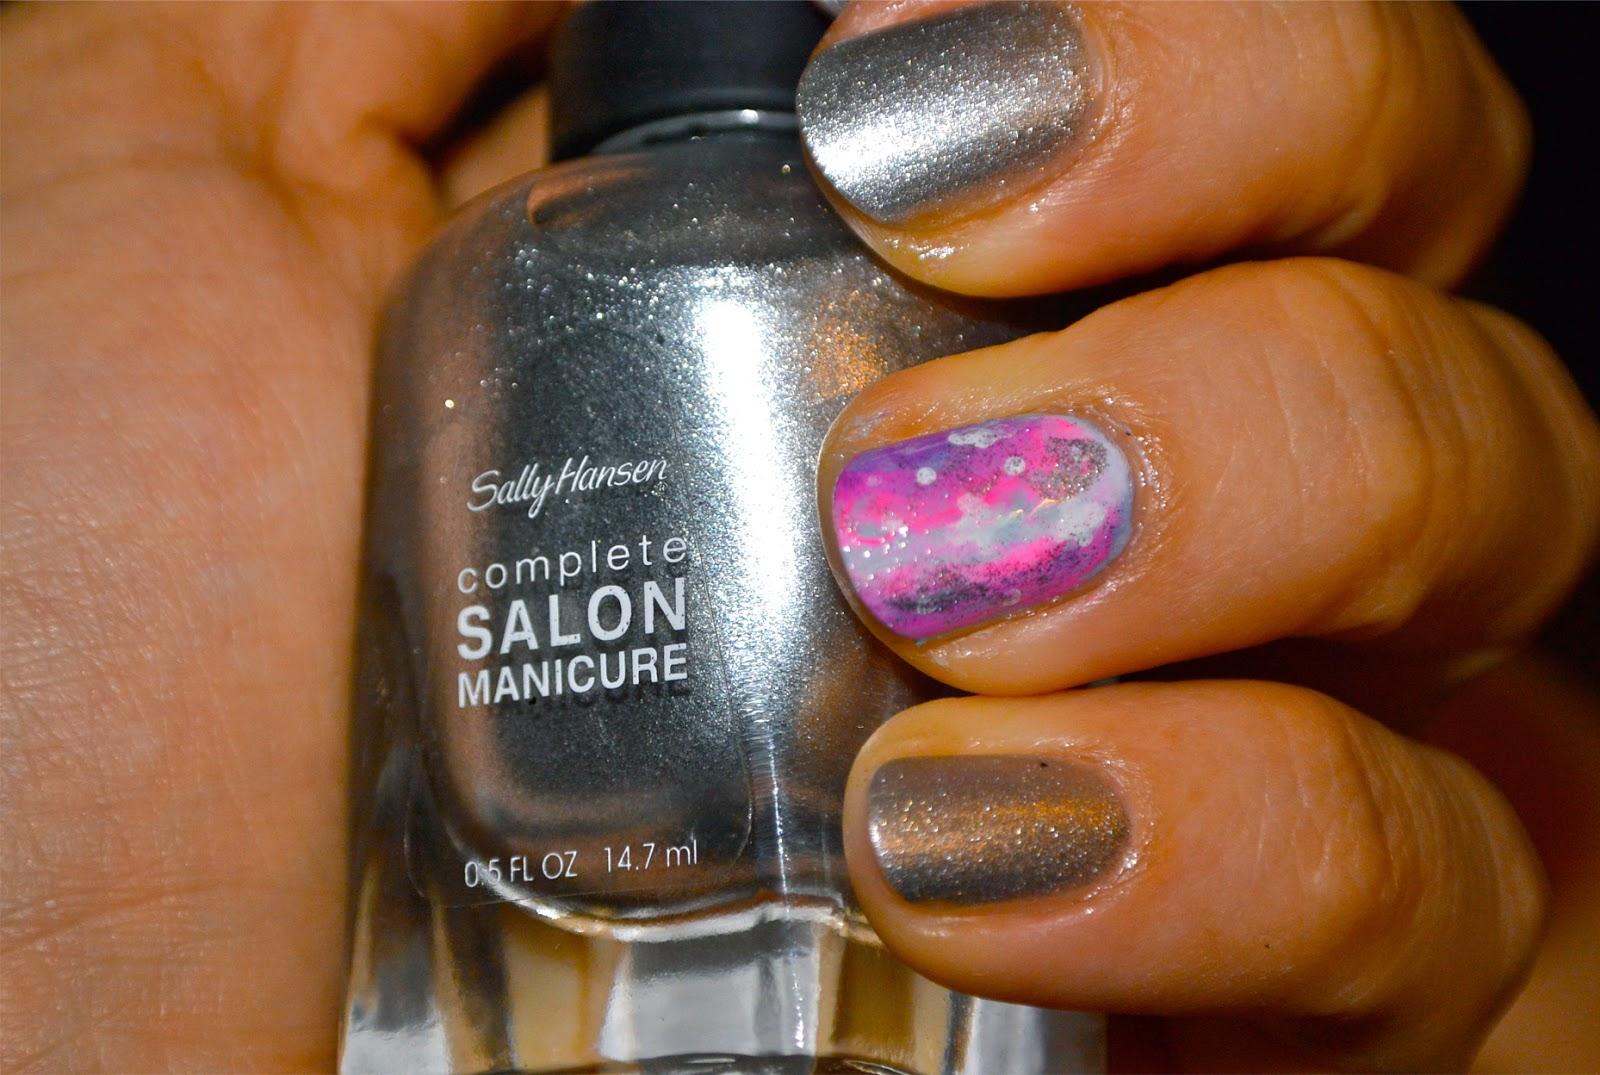 Silver galaxy manicure nail art